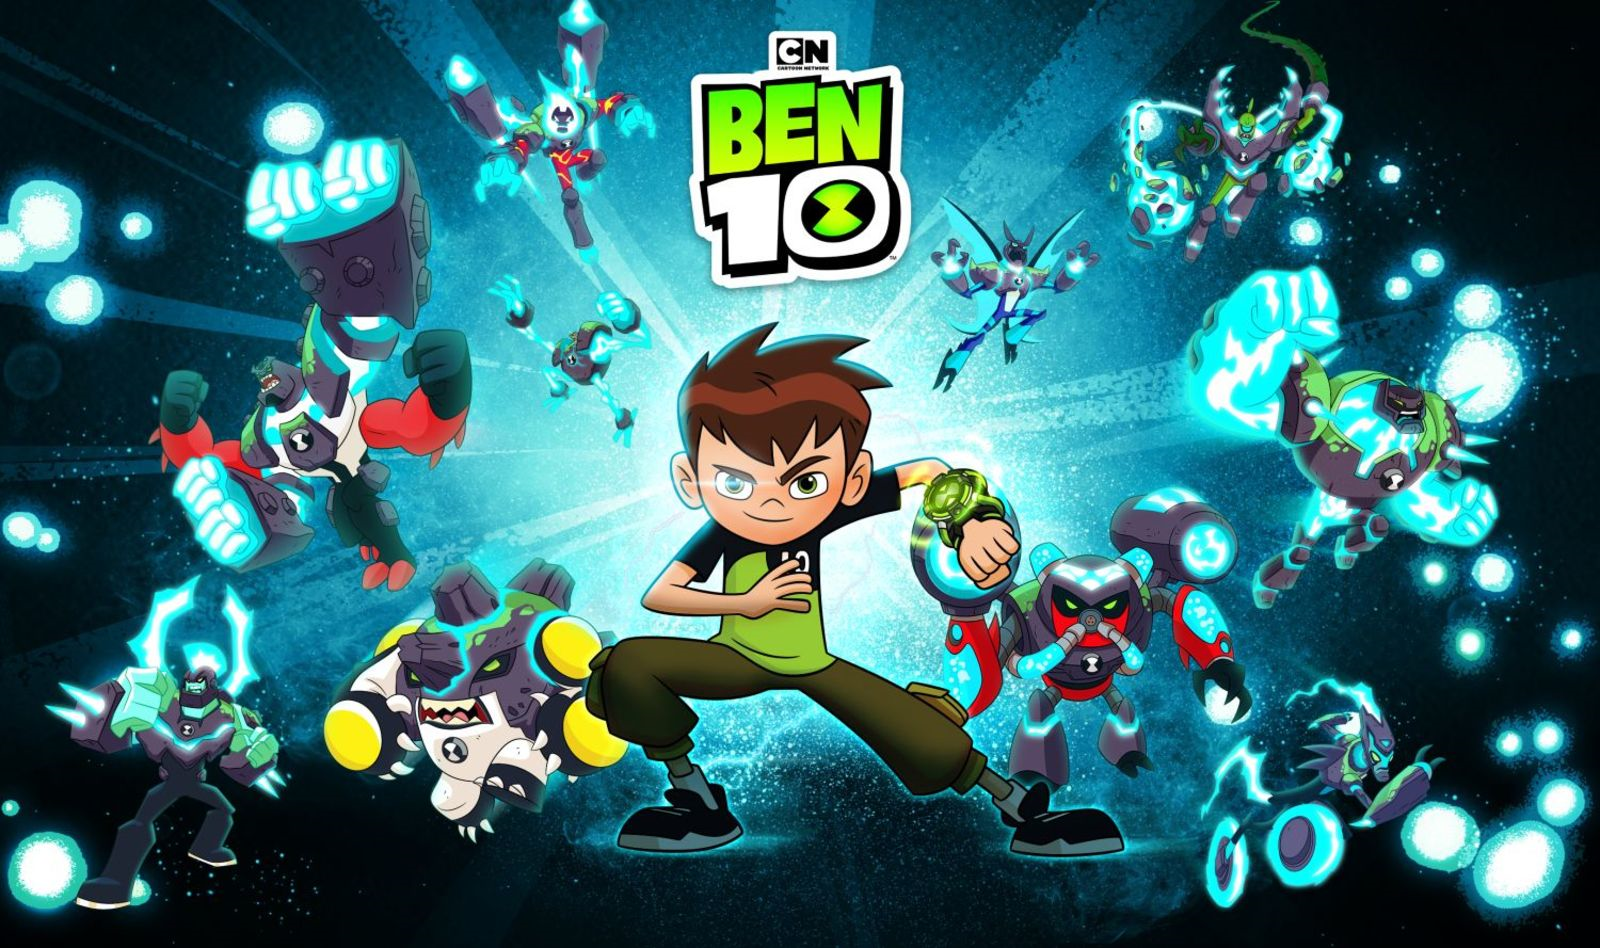 Ben 10 Reboot Gallery Ben 10 Wiki Fandom Ben 10 Cartoon Network Up Halloween Costumes